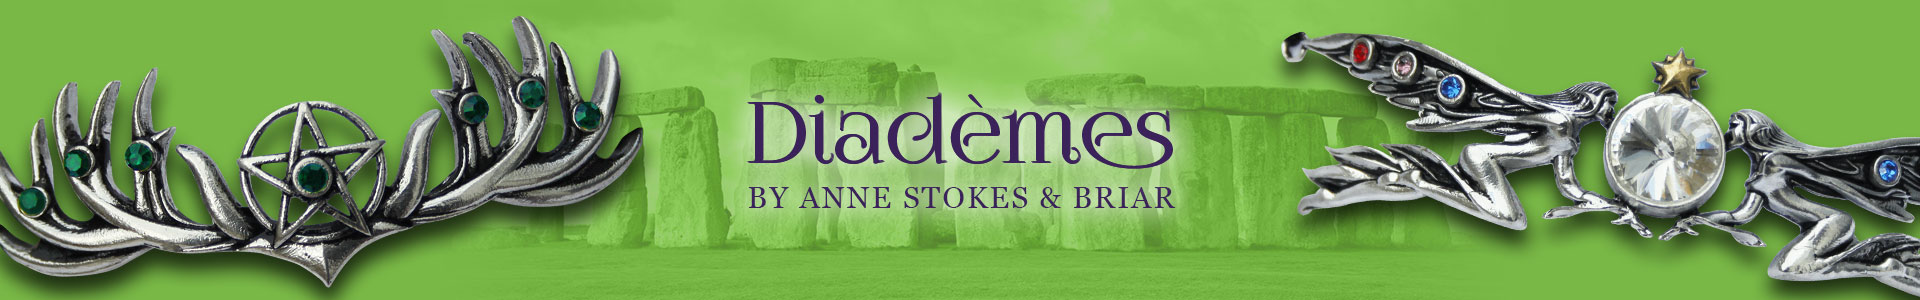 Diadèmes by Anne Stokes & Briar